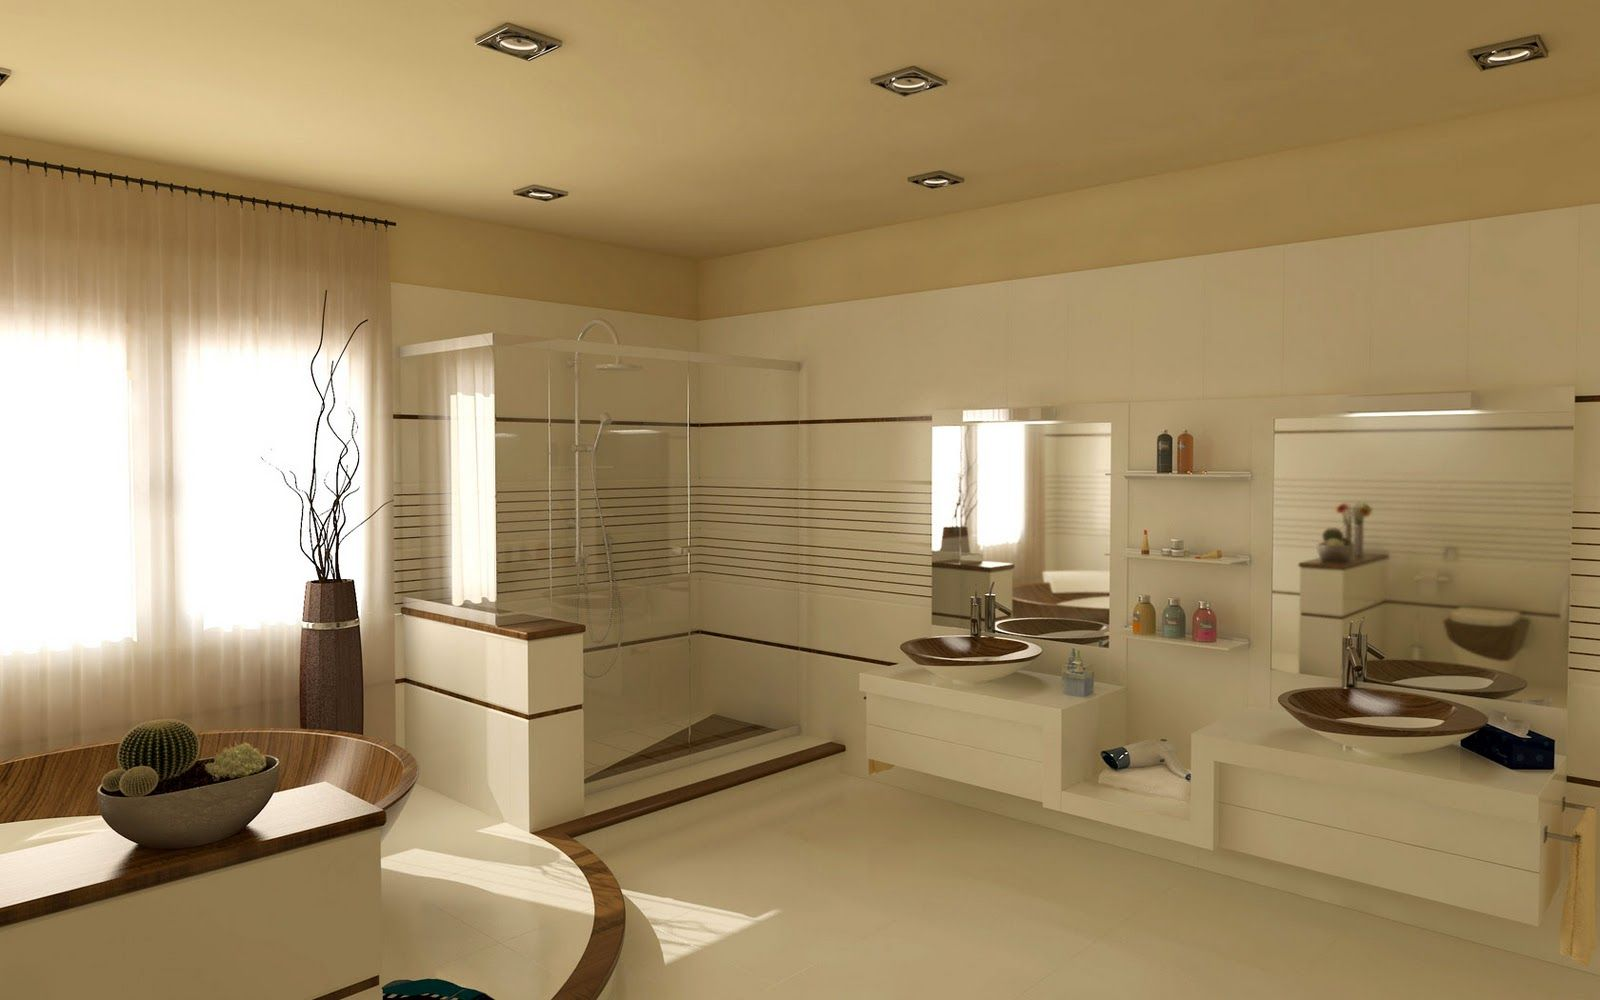 baños - buscar con google | hogar | pinterest | decoración de baño